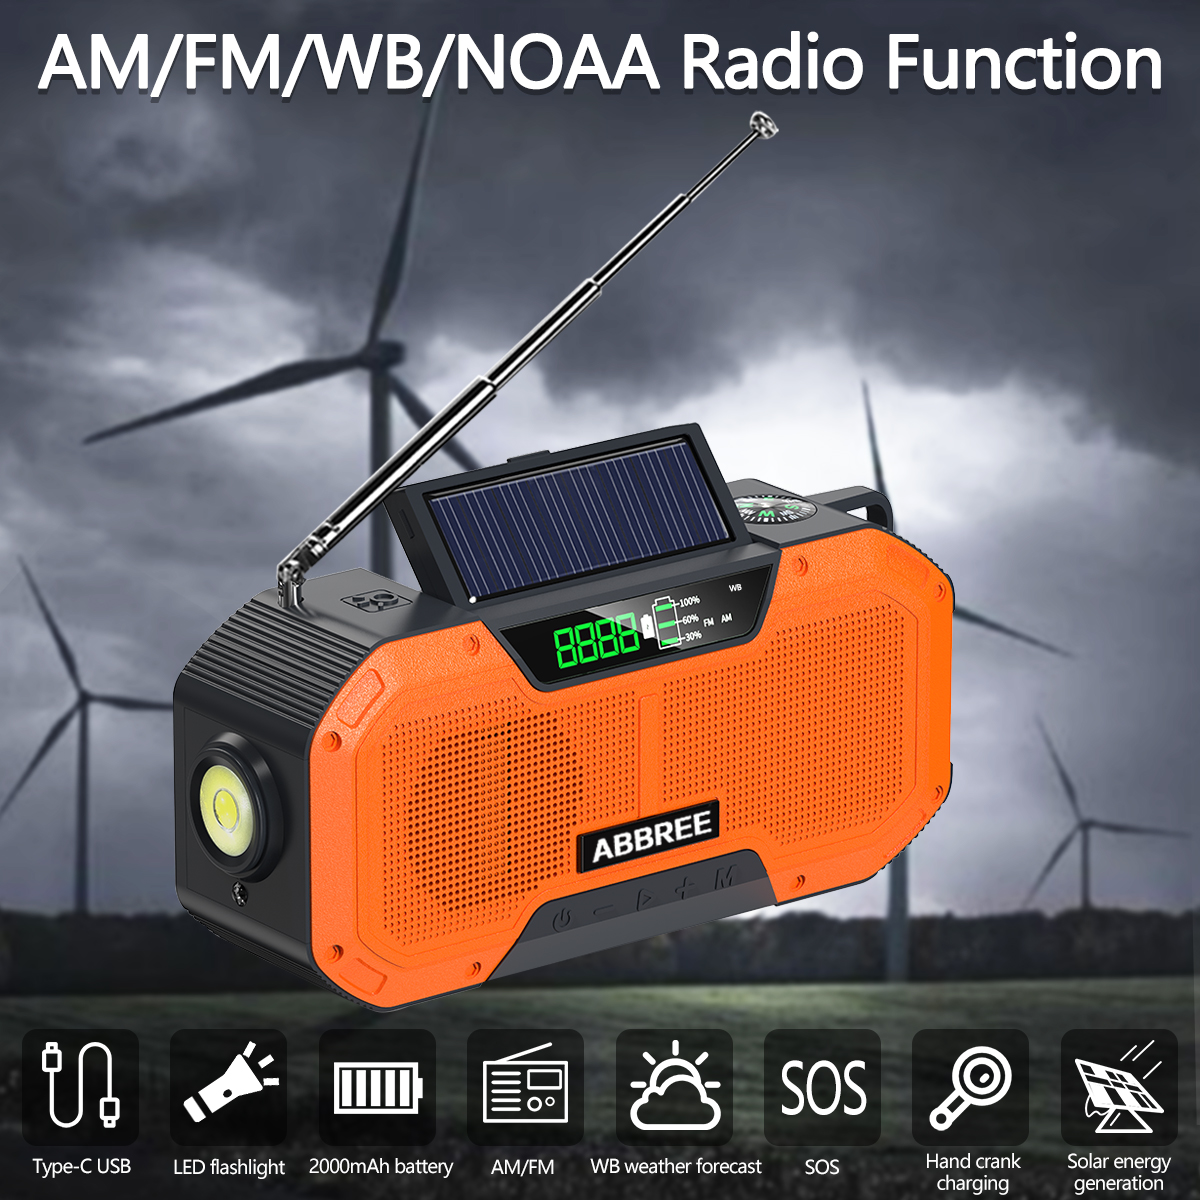 ABBREE Водонепроницаемый аварийный радиоприемник с автоматическим сканированием, работающий от батарейки, на солнечной батарее, AM/FM/WB радио, ...